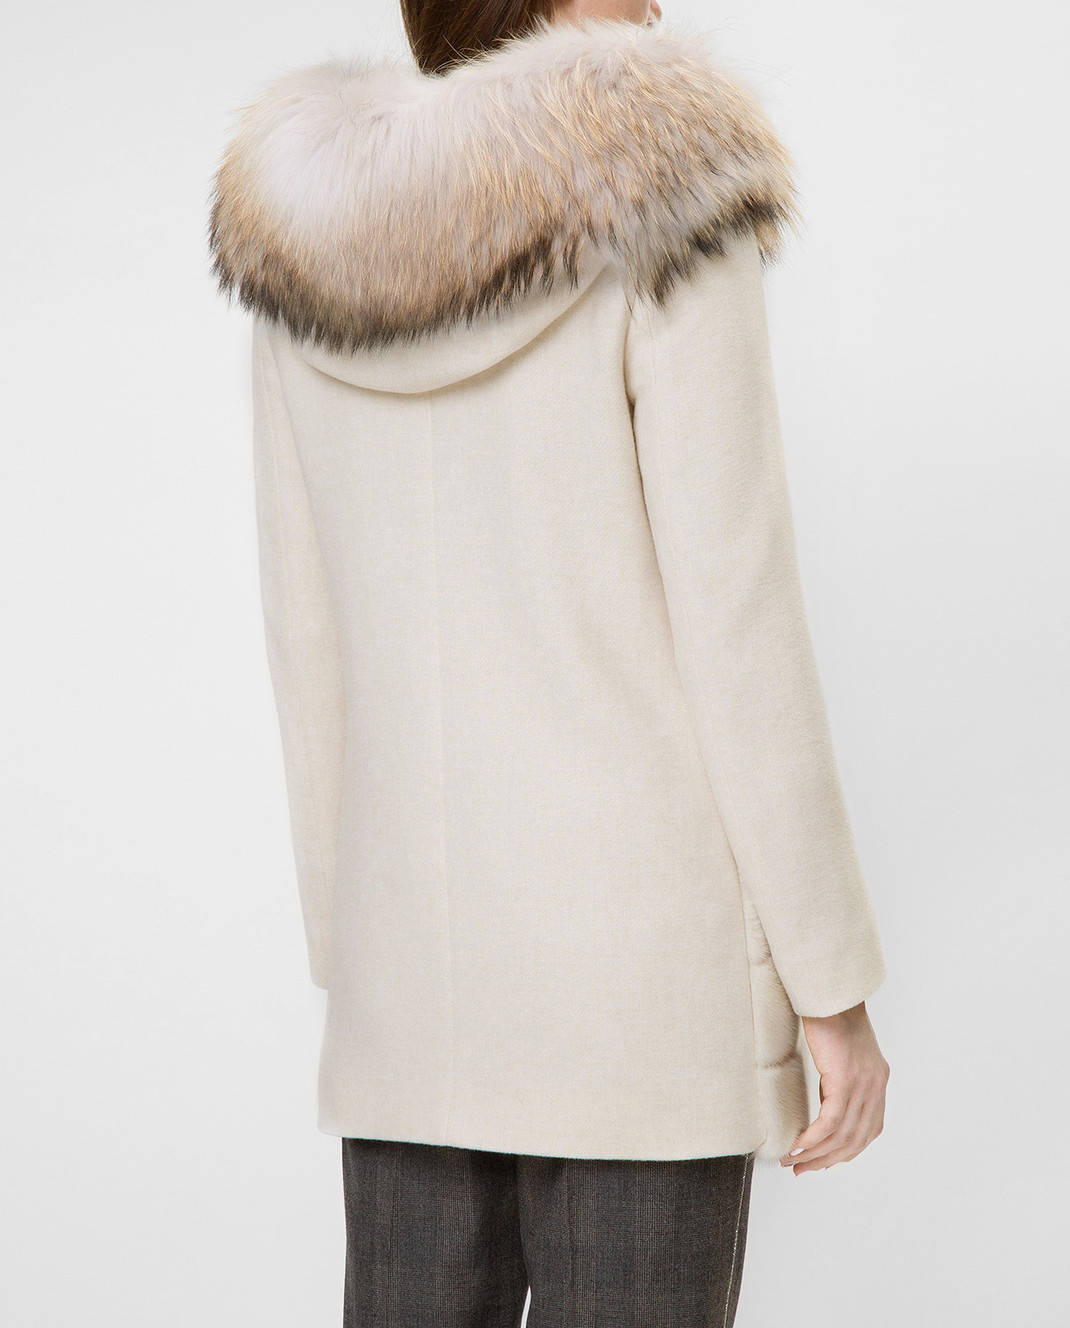 Real Furs House Светло-бежевое пальто с мехом енота 922RFH изображение 4